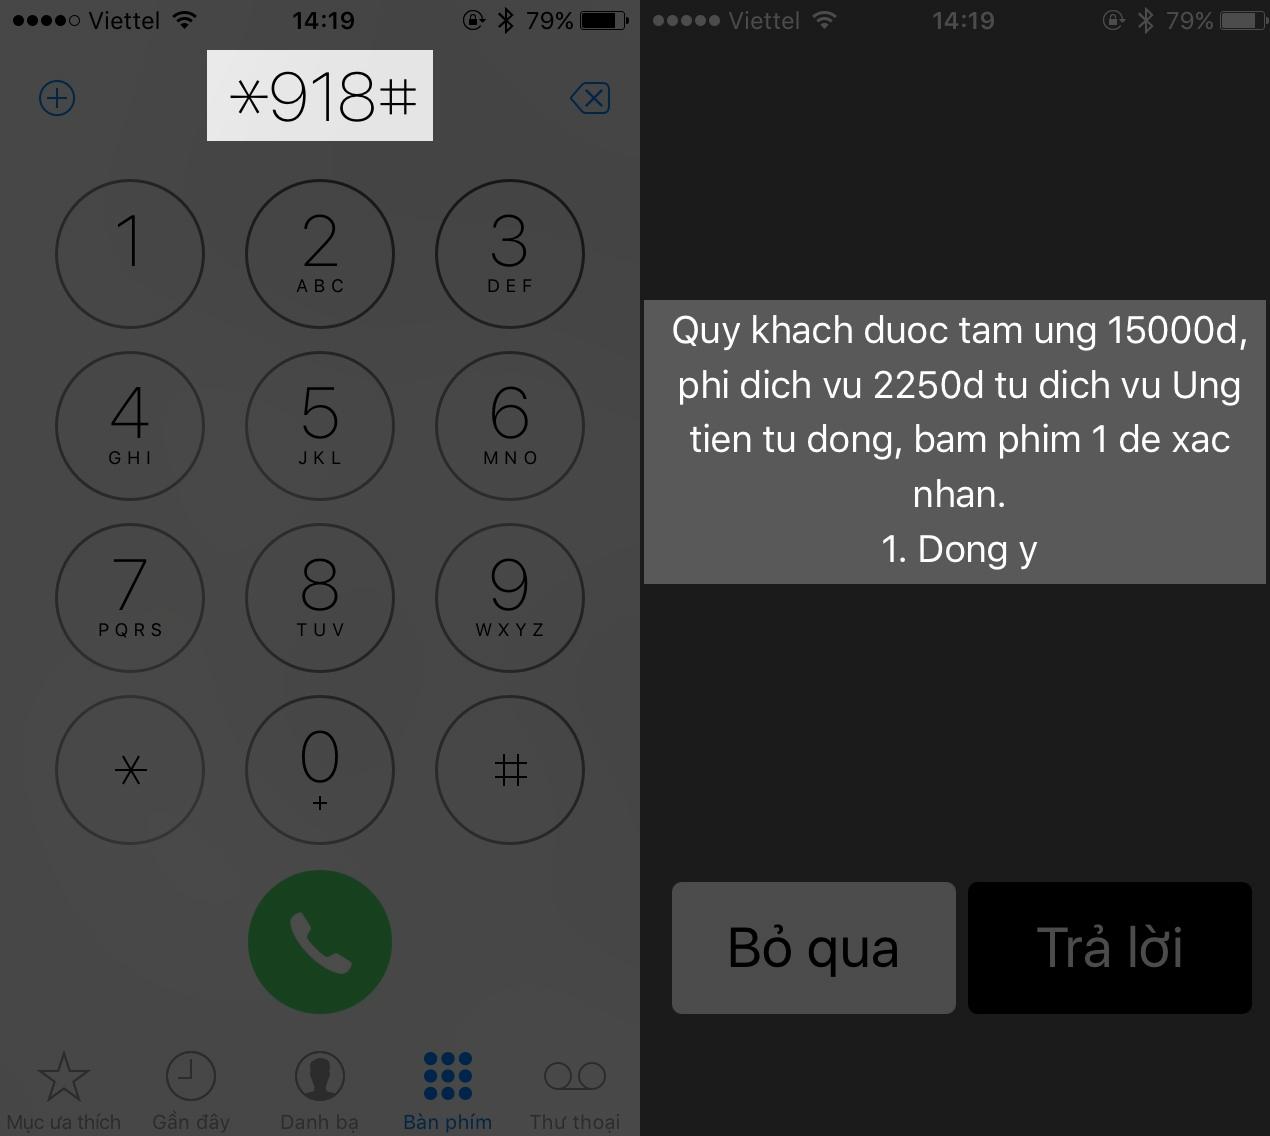 Cách ứng tiền lên tới 100.000 Đồng cho sim Viettel